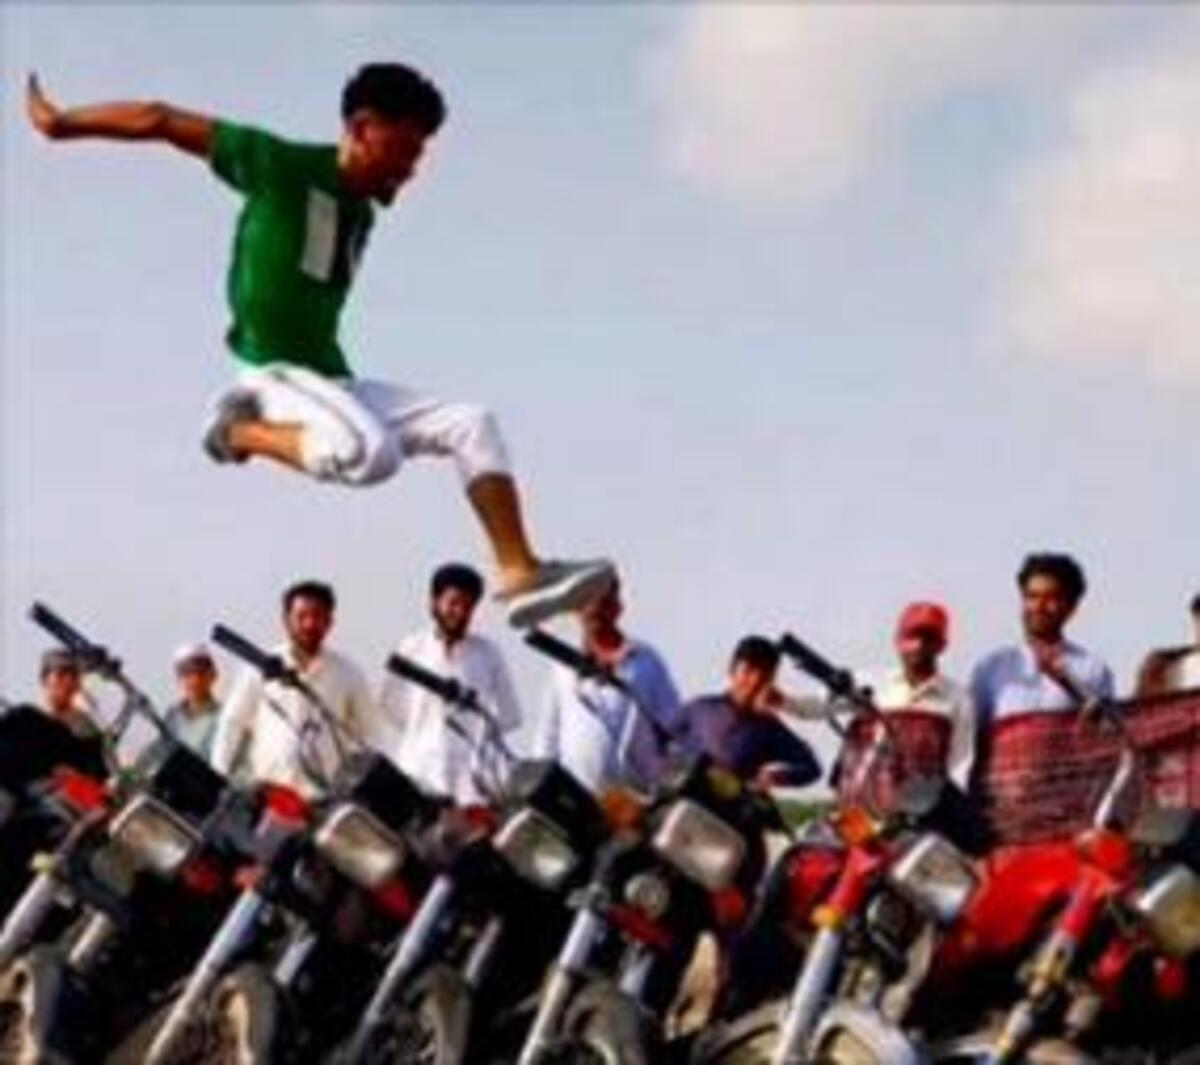 YouTube star: onze vélo avec un saut... Une promenade. La vidéo est déjà virale